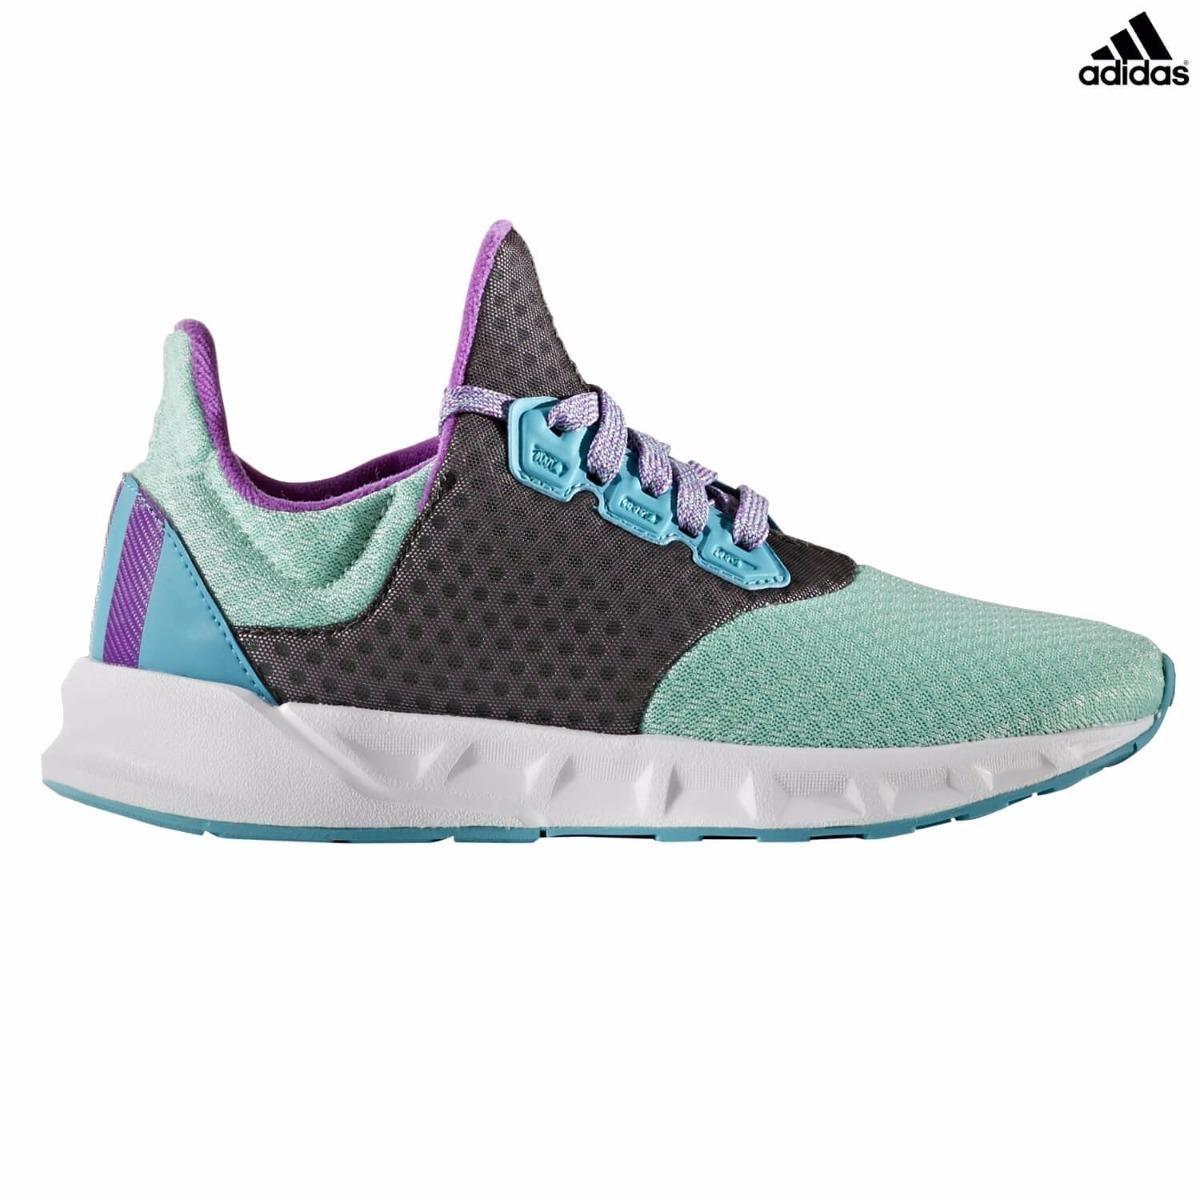 huge discount 4f7da d4268 adidas Falcon Elite 5 xJ - deportepara Shoes Children, Green -  (Versen pursho azuene), -4  Amazon.co.uk  Sports   Outdoors